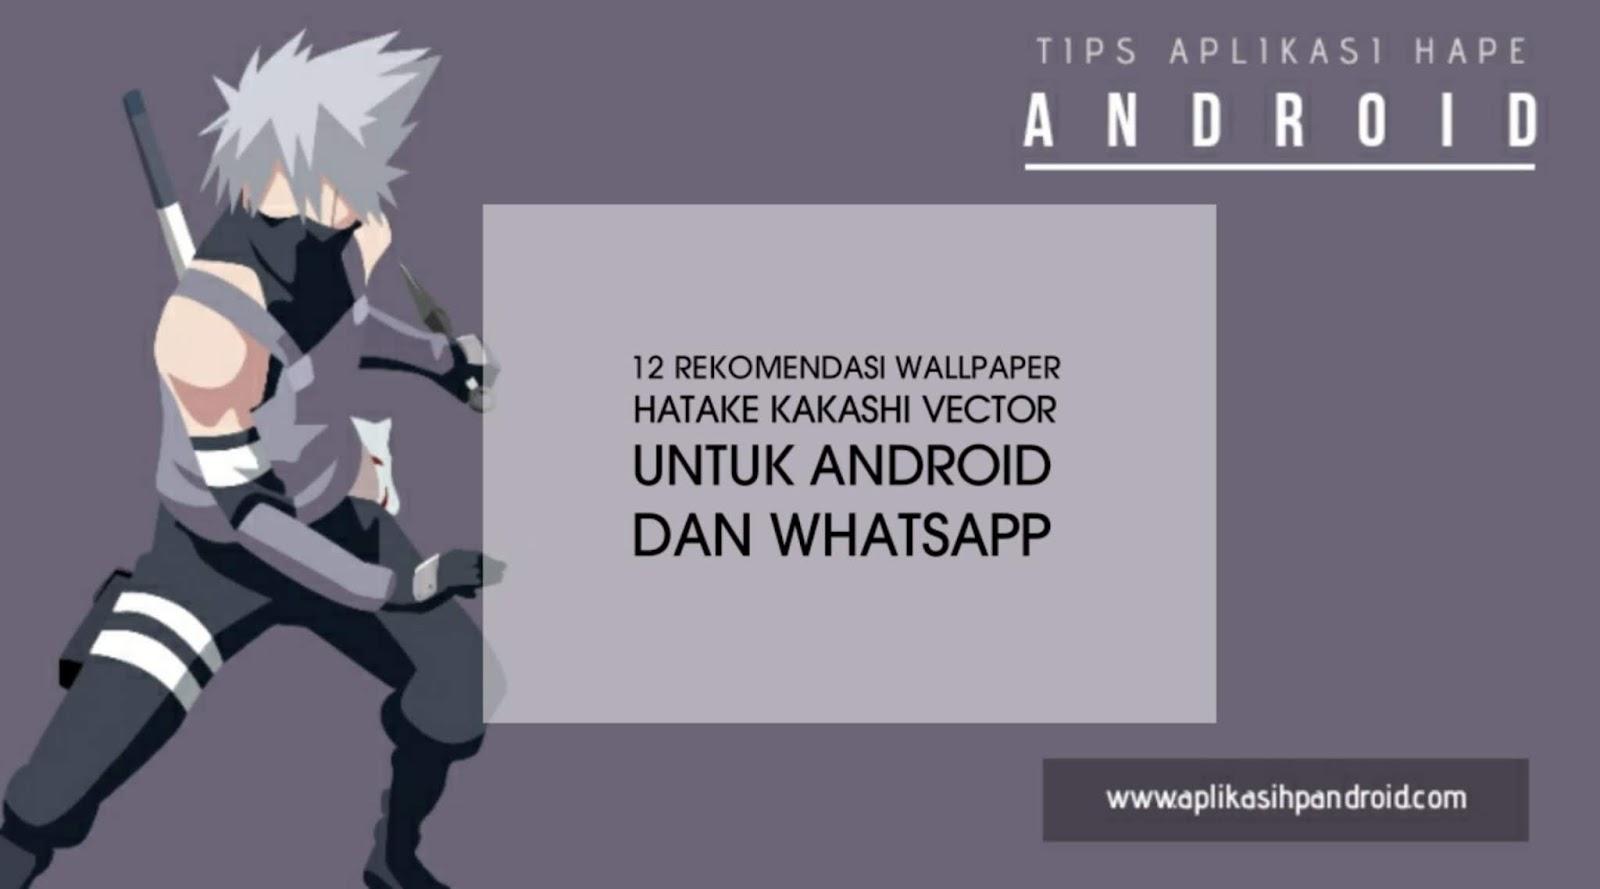 12 Rekomendasi Wallpaper hatake kakashi vector untuk Android dan Whatsapp